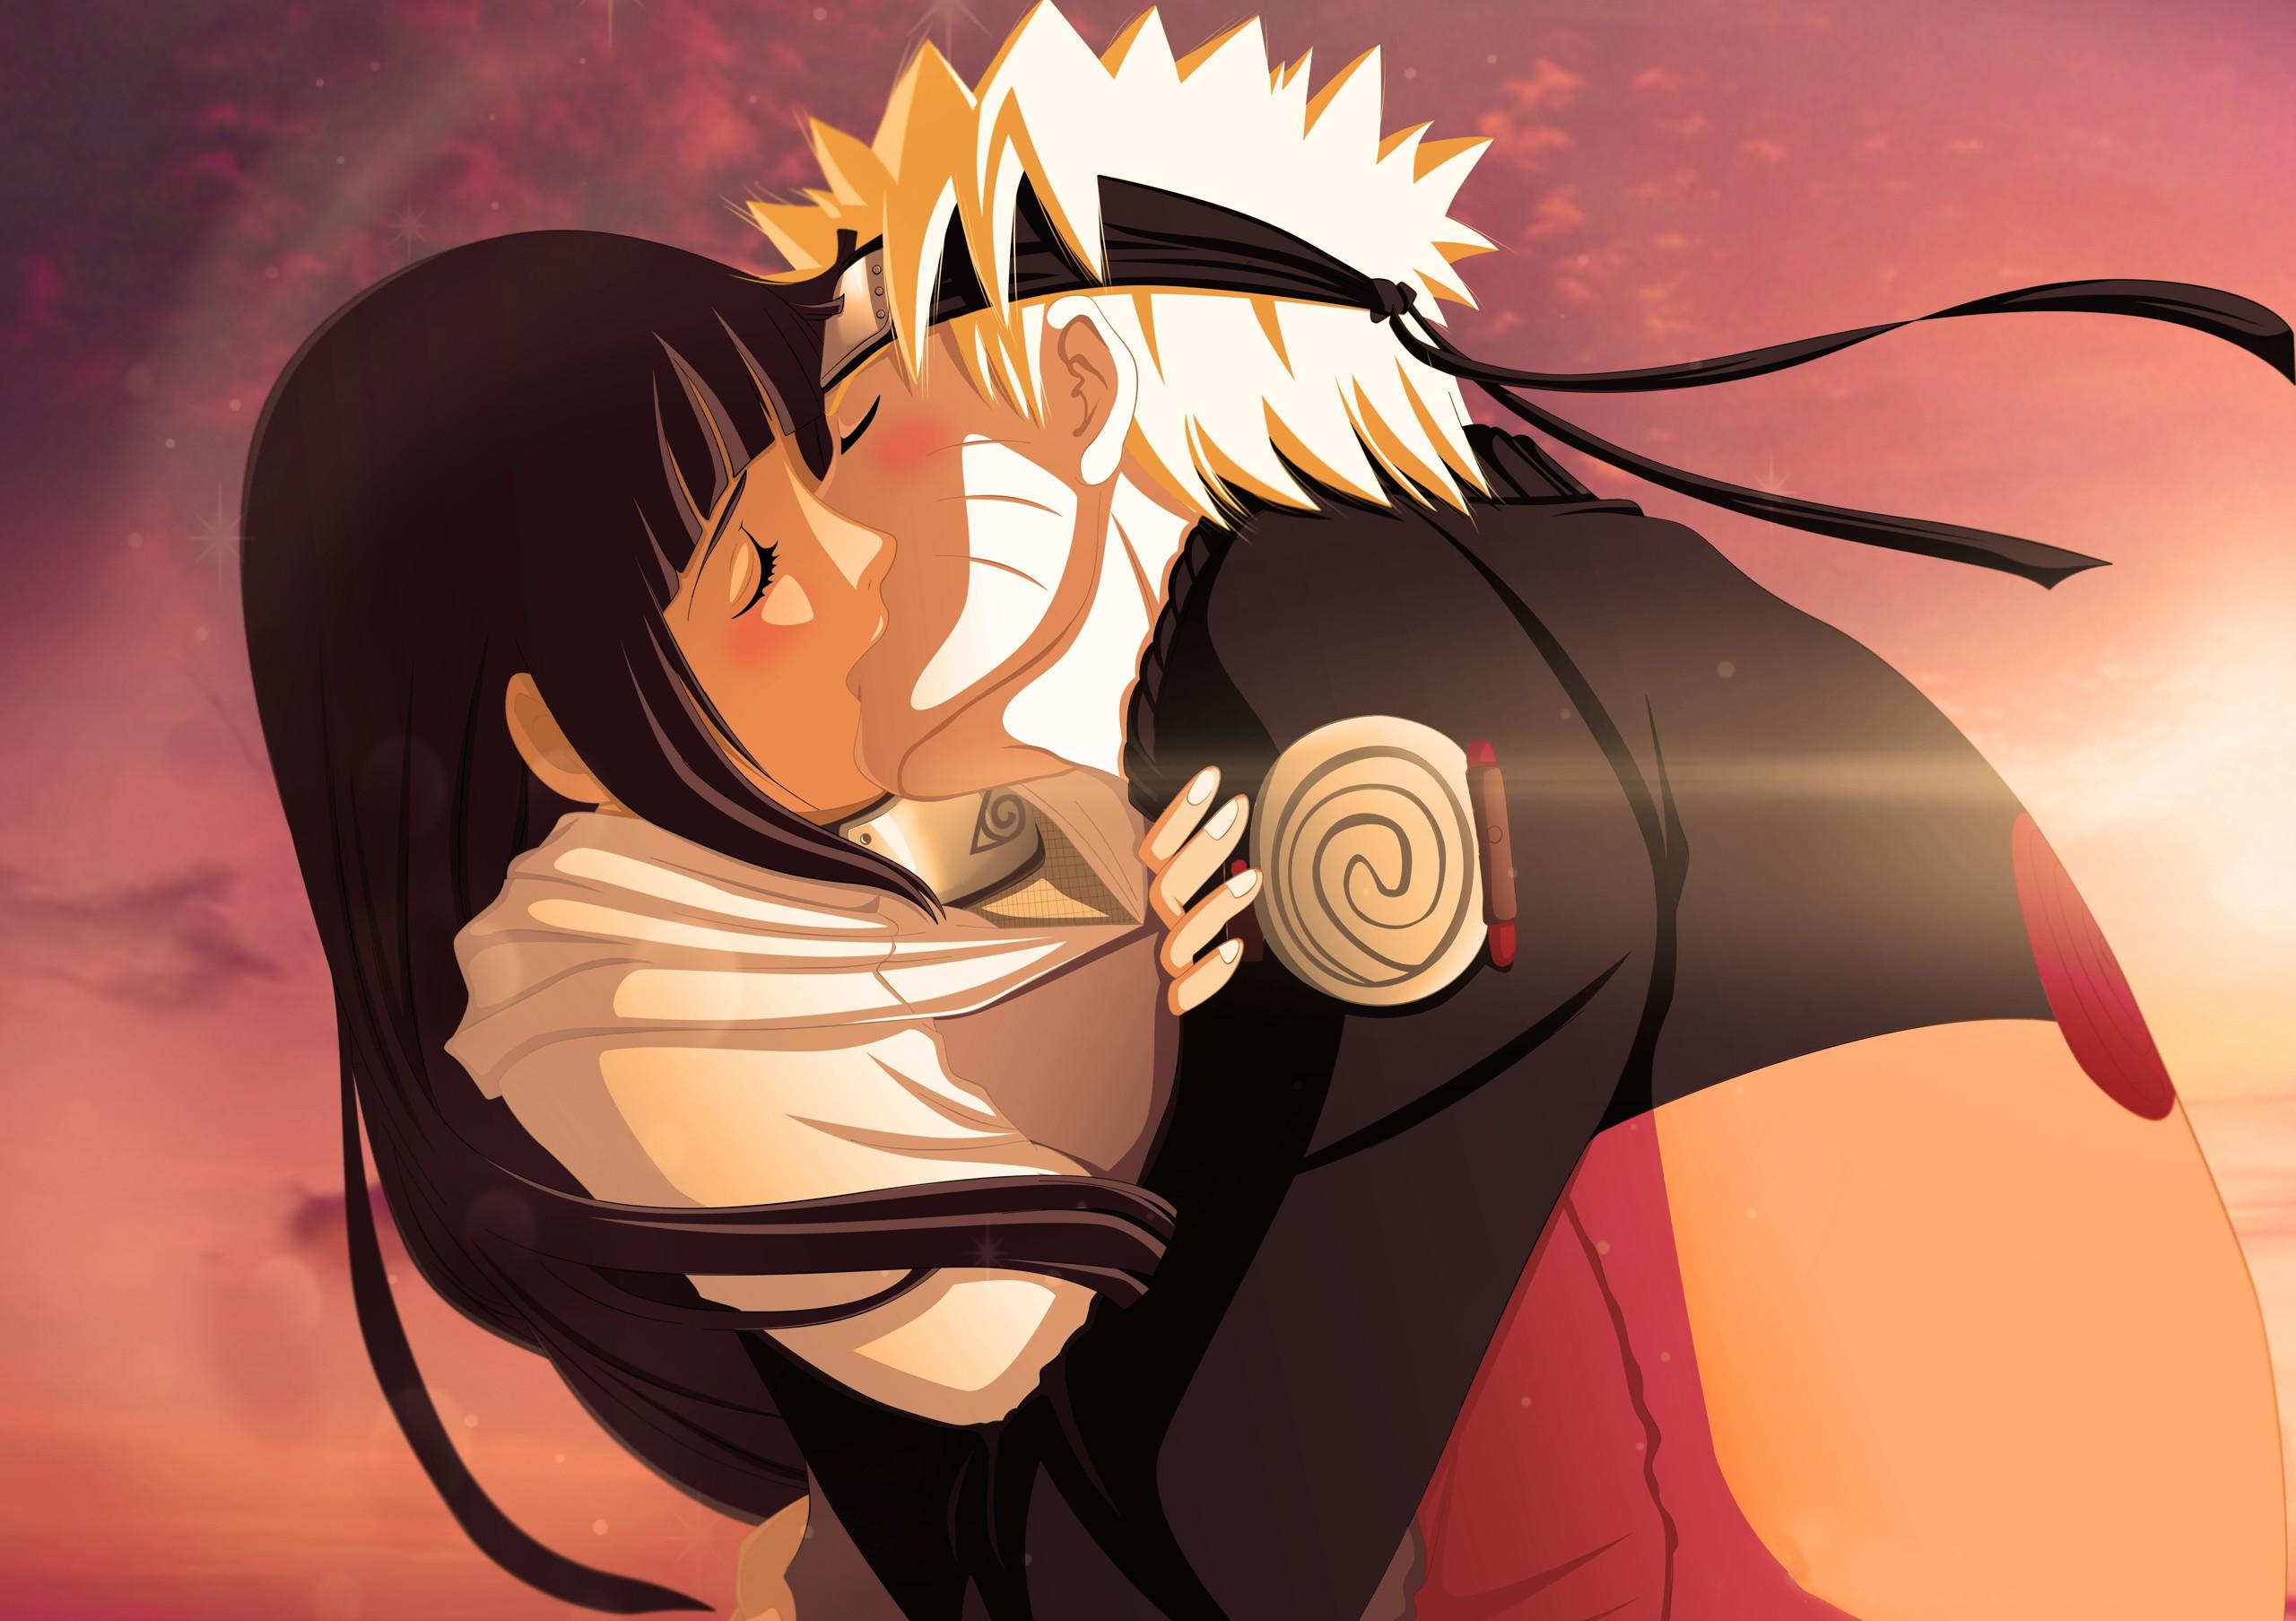 Hình ảnh Naruto cùng đồng đội của mình thật là ấm áp tình bạn phải không nào? Đối với fan cuồng của bộ phim hoạt hình này thì khi nhìn thấy những ...